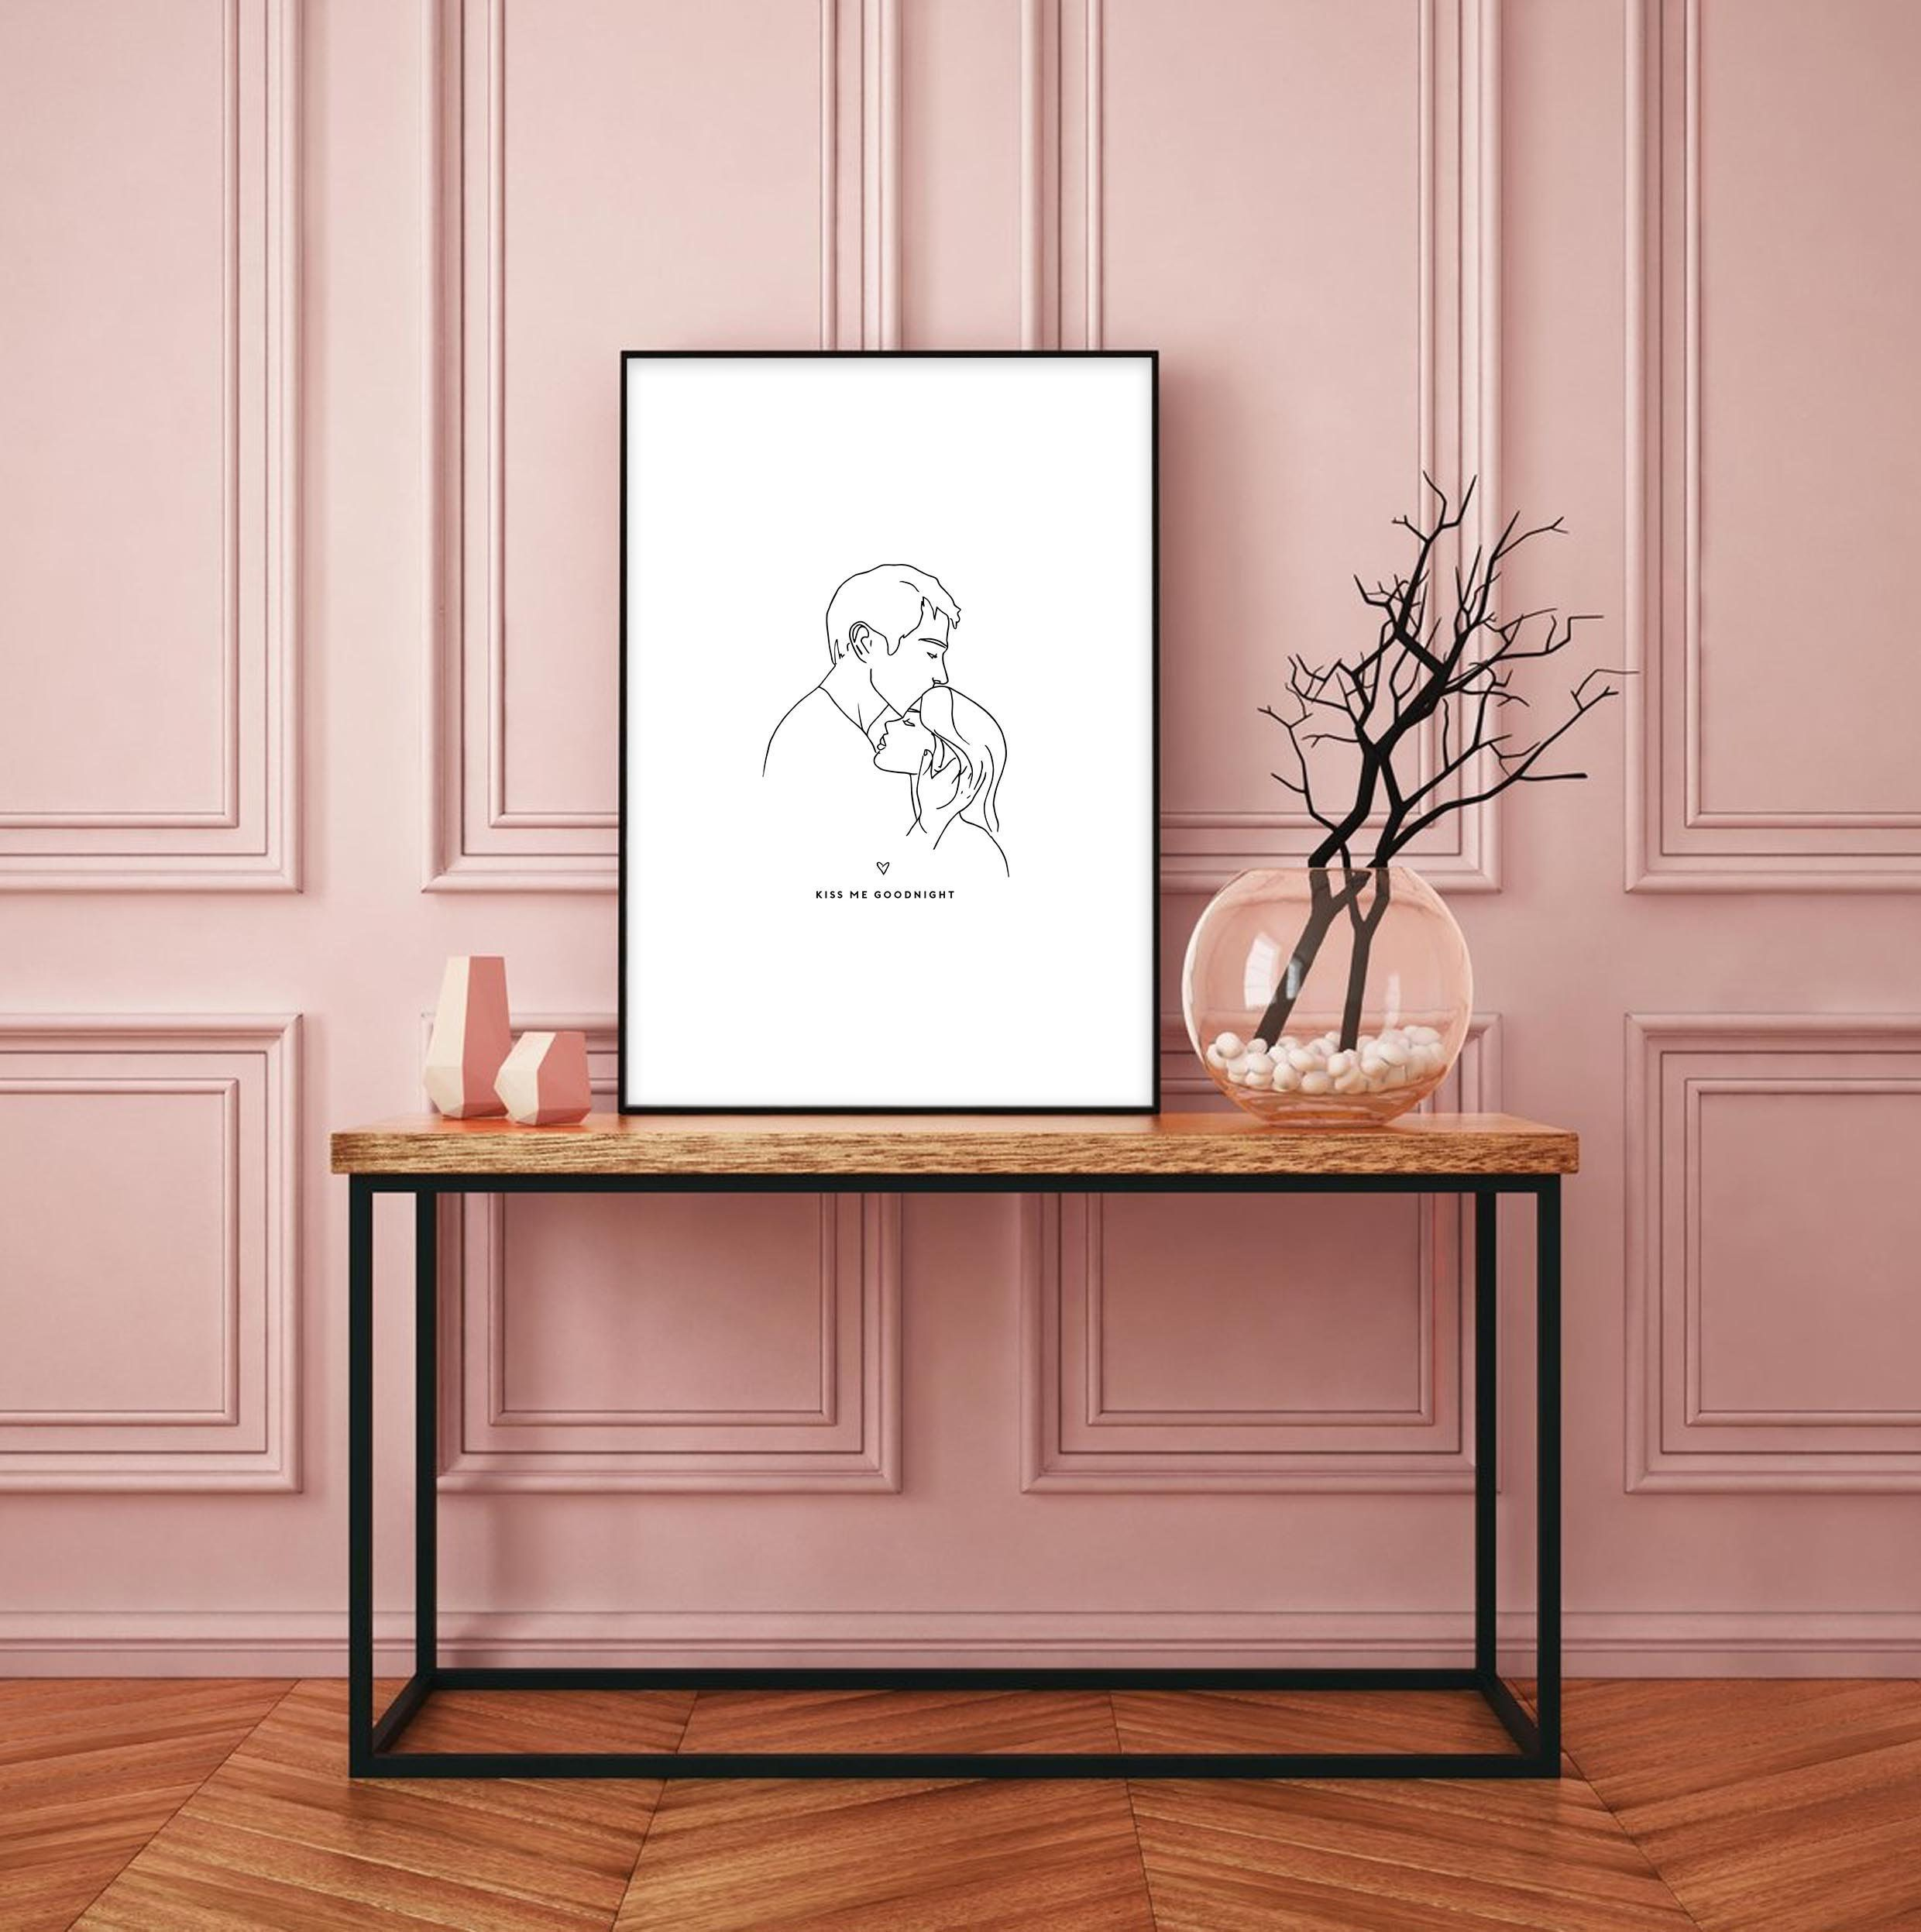 Kiss me goodnight wall art bedroom print love